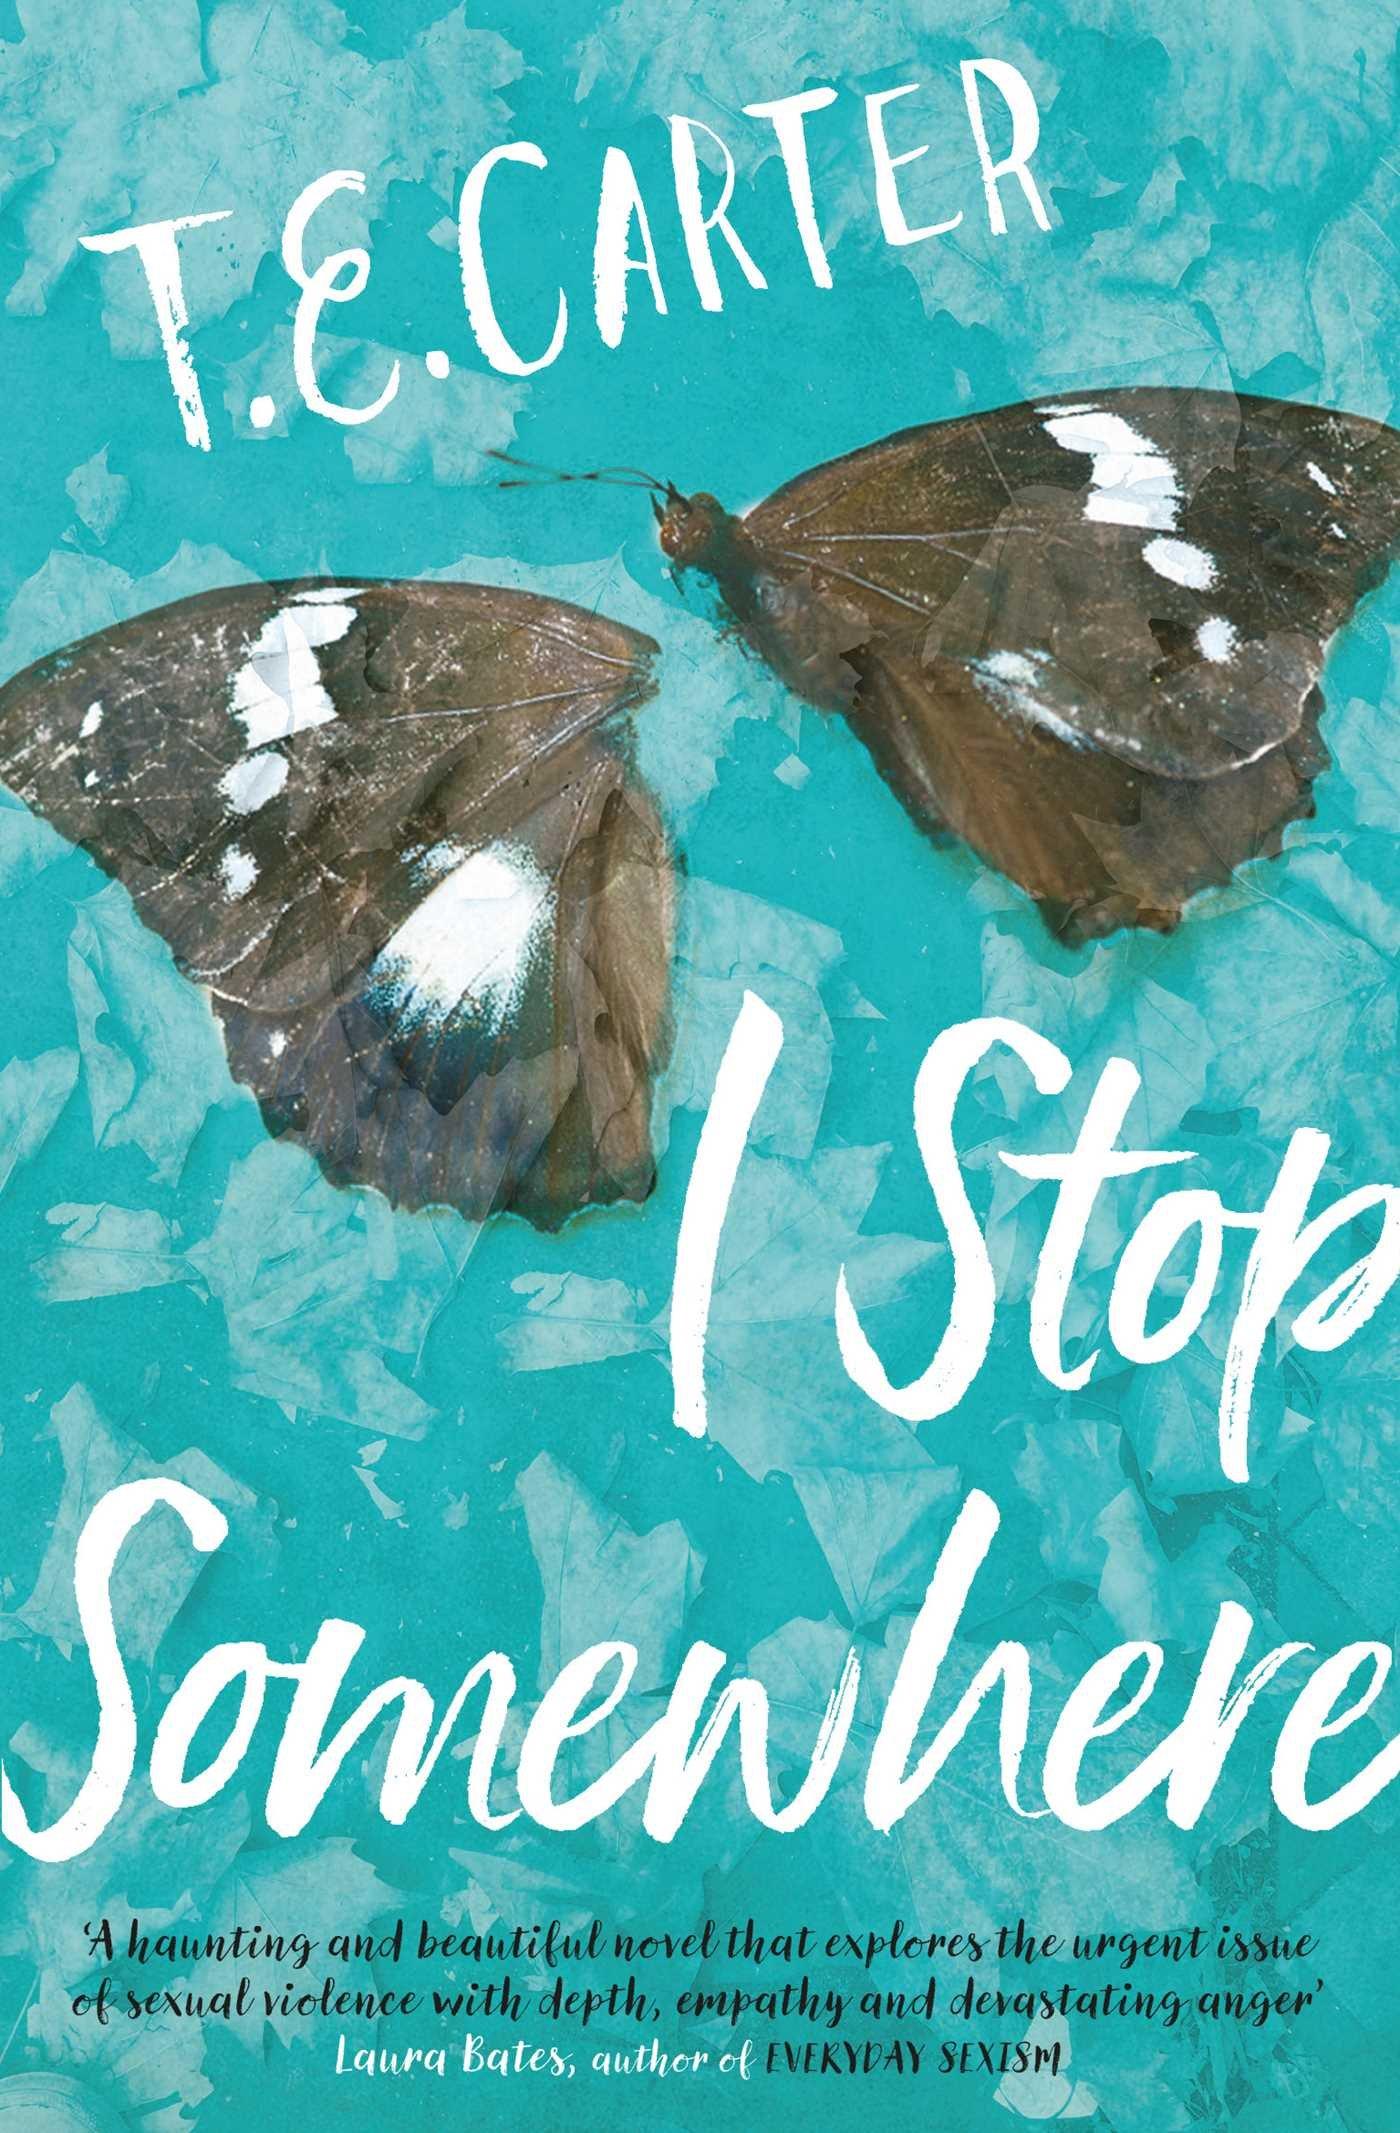 I Stop Somewhere | T.E. Carter